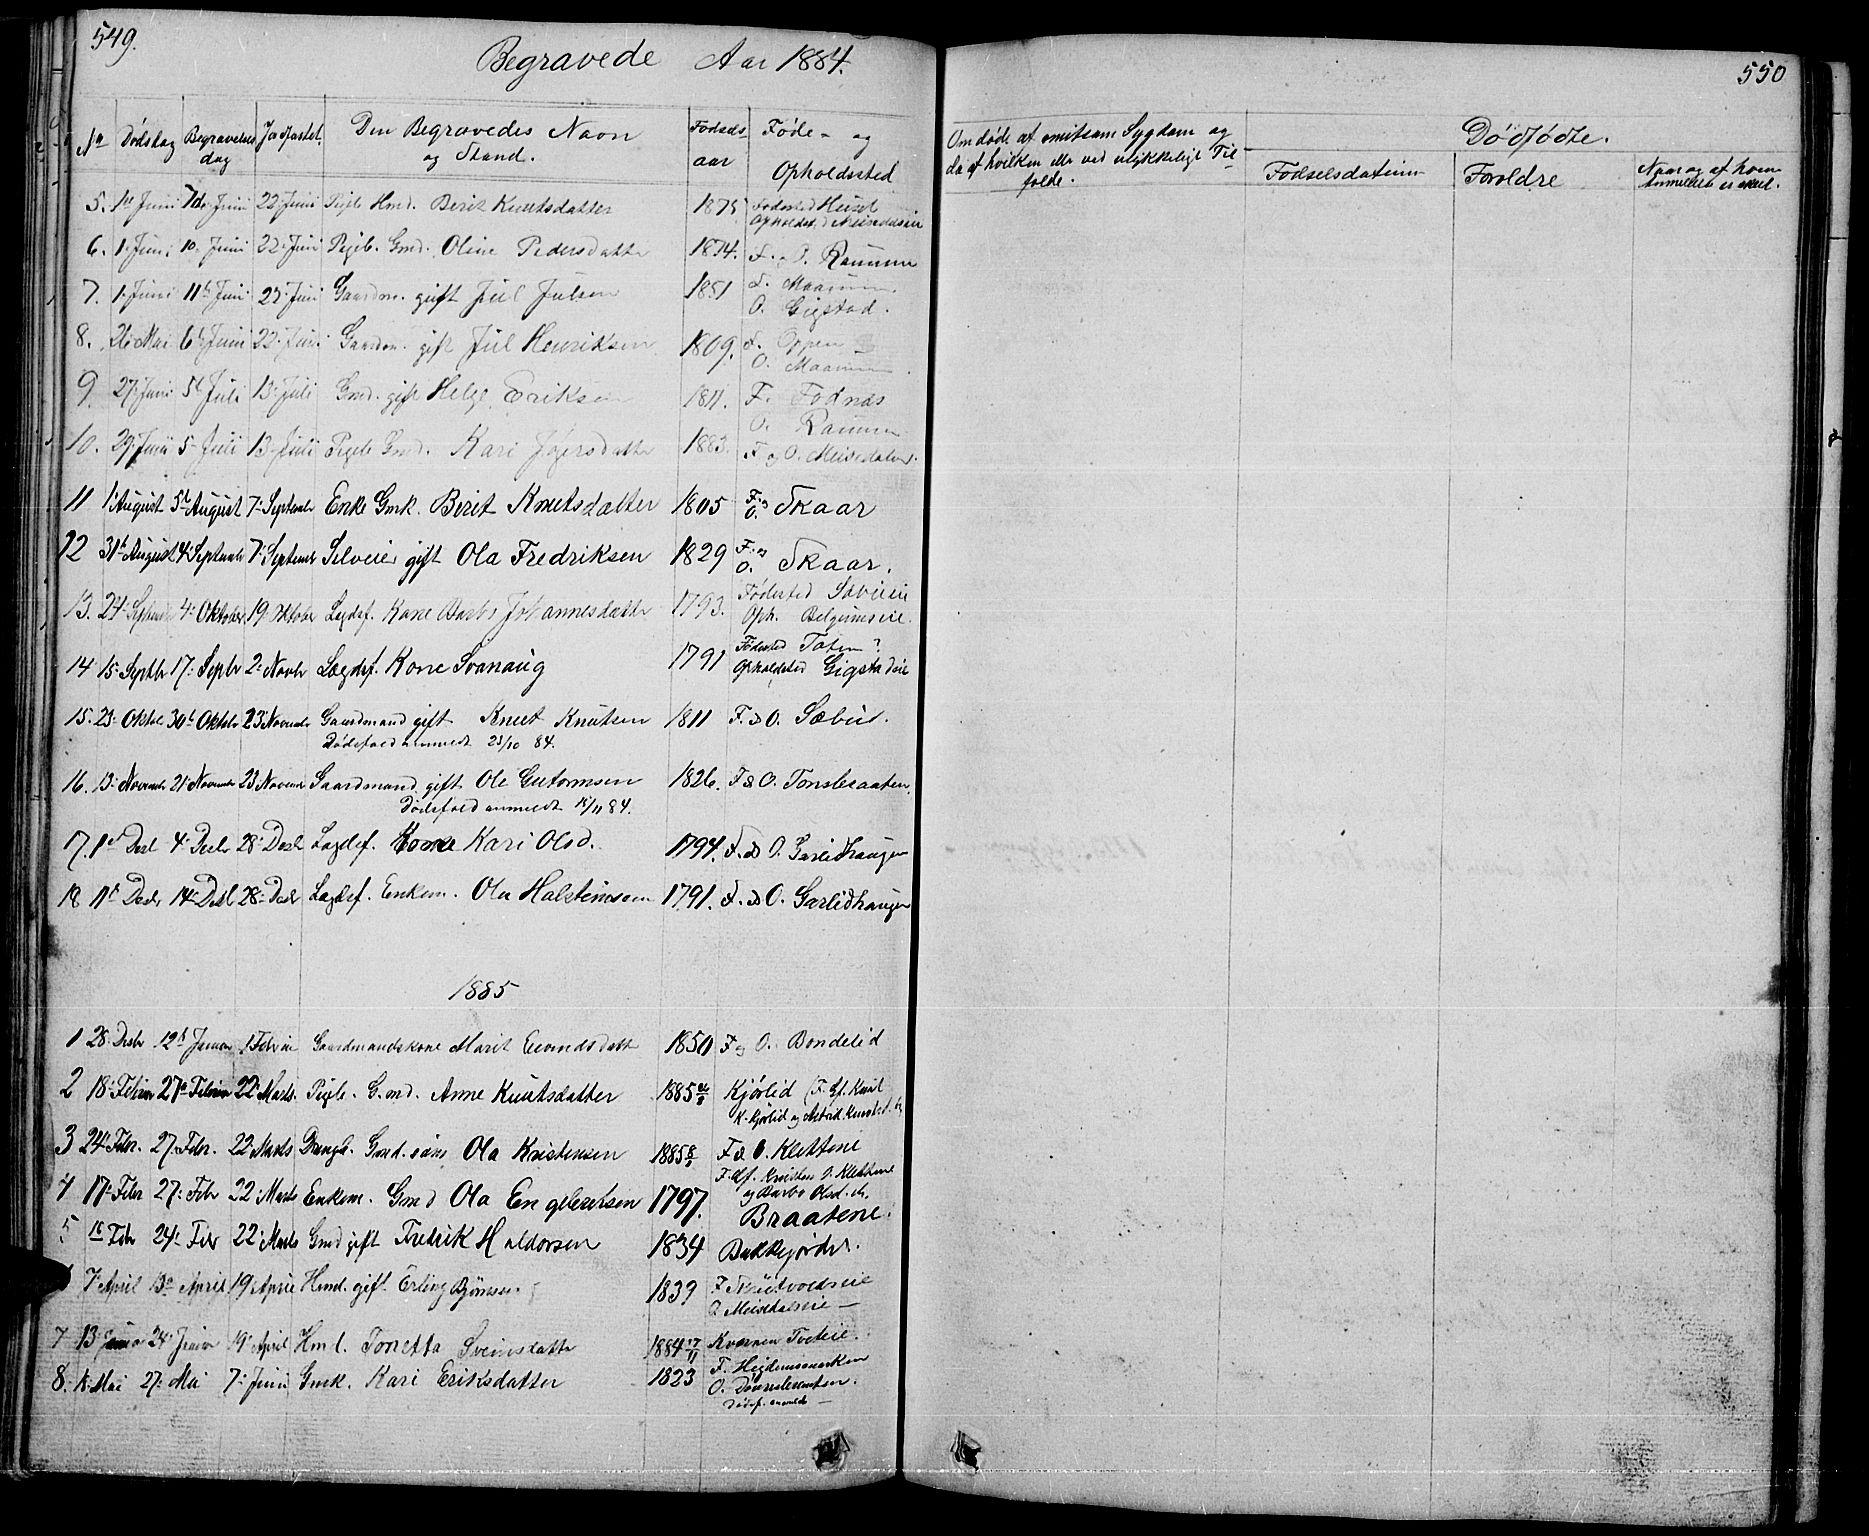 SAH, Nord-Aurdal prestekontor, Klokkerbok nr. 1, 1834-1887, s. 549-550